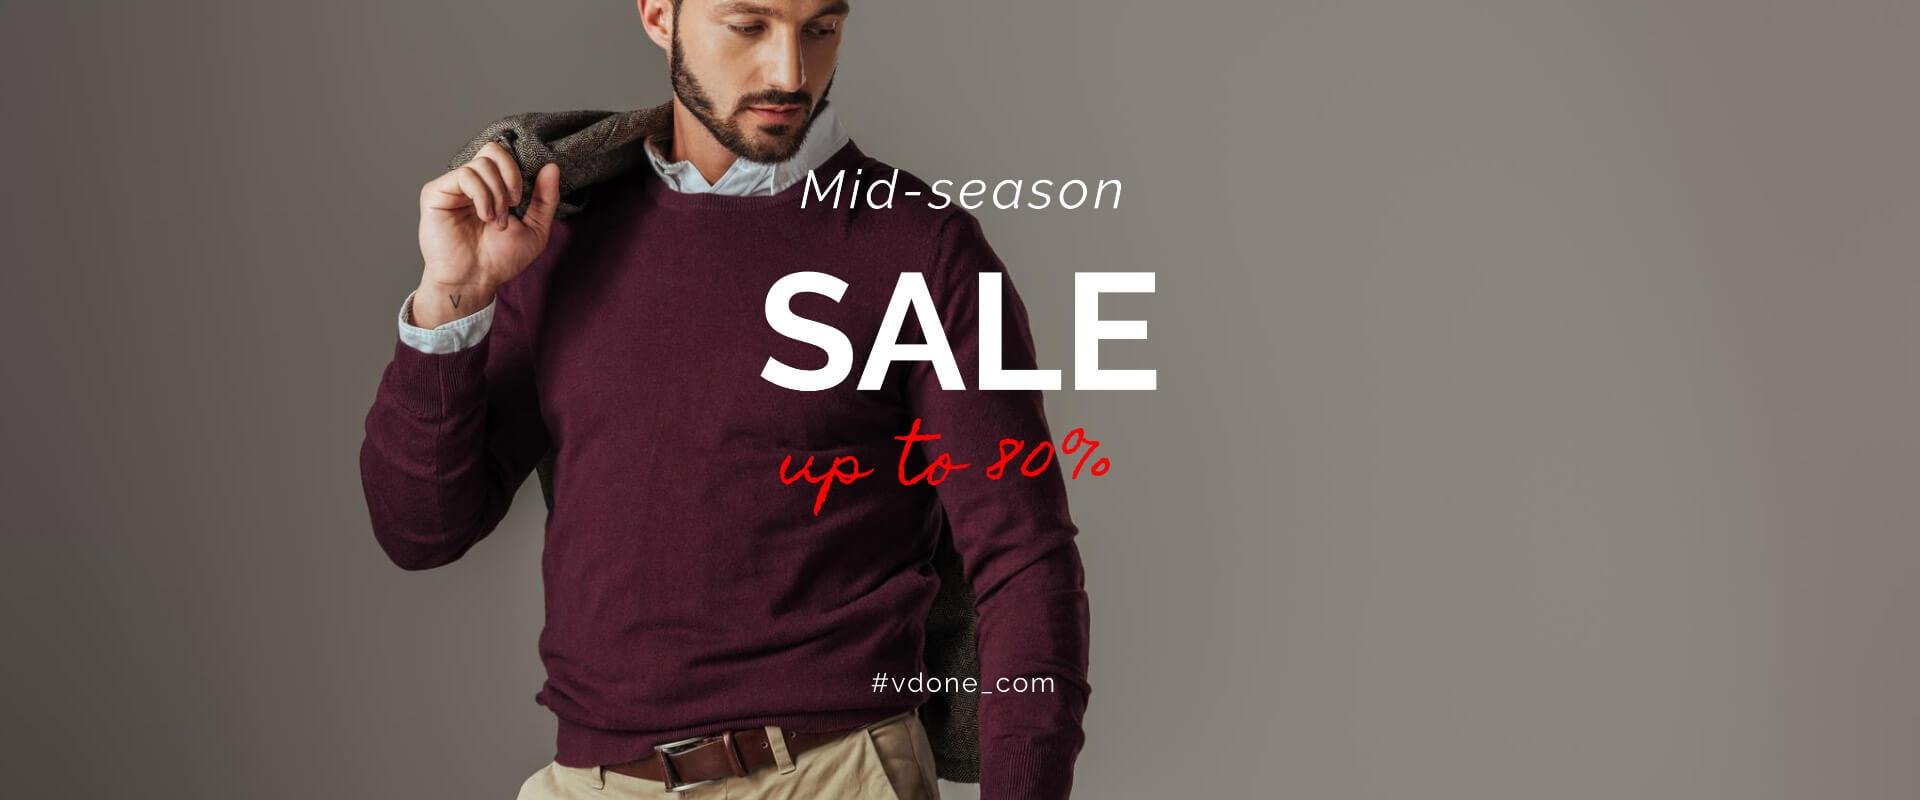 mid_season_sale_to_80